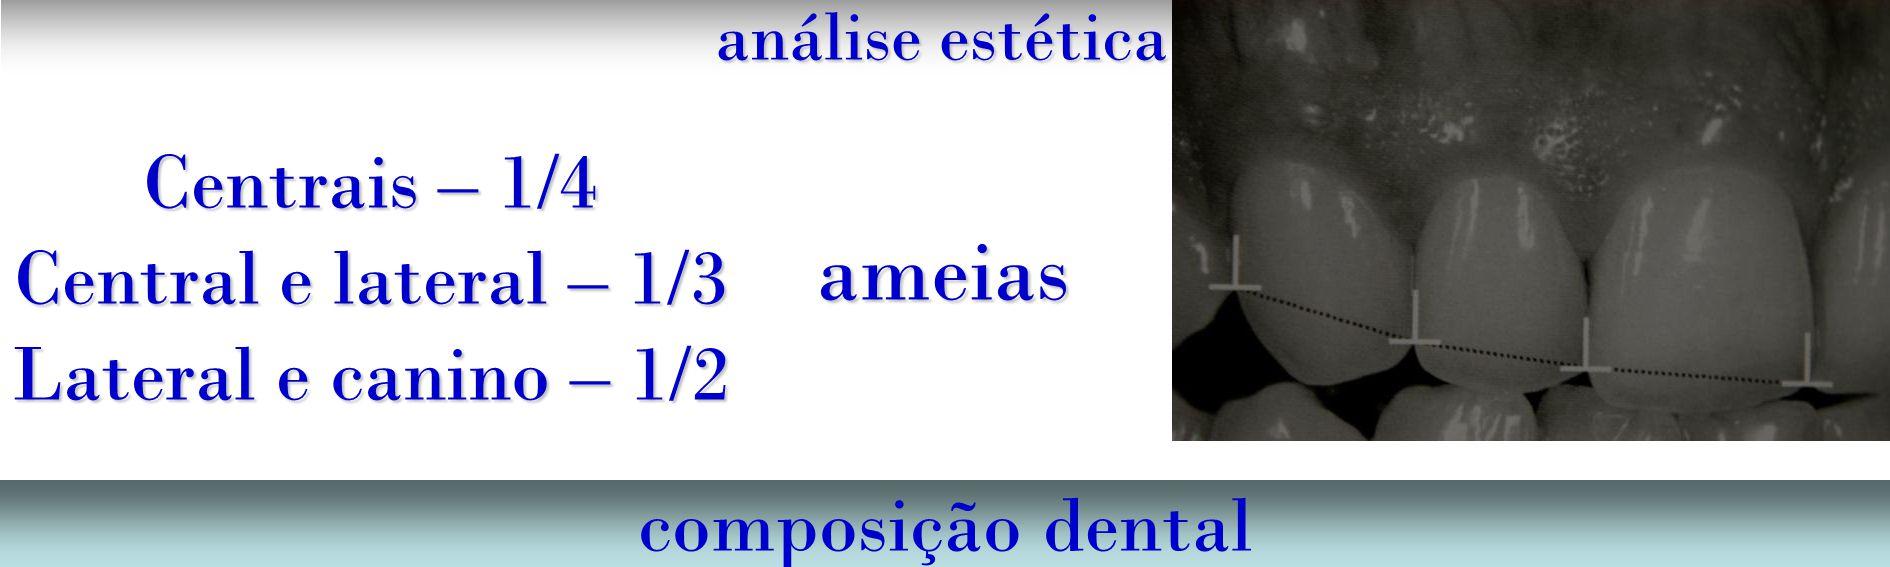 ameias Centrais – 1/4 Central e lateral – 1/3 Lateral e canino – 1/2